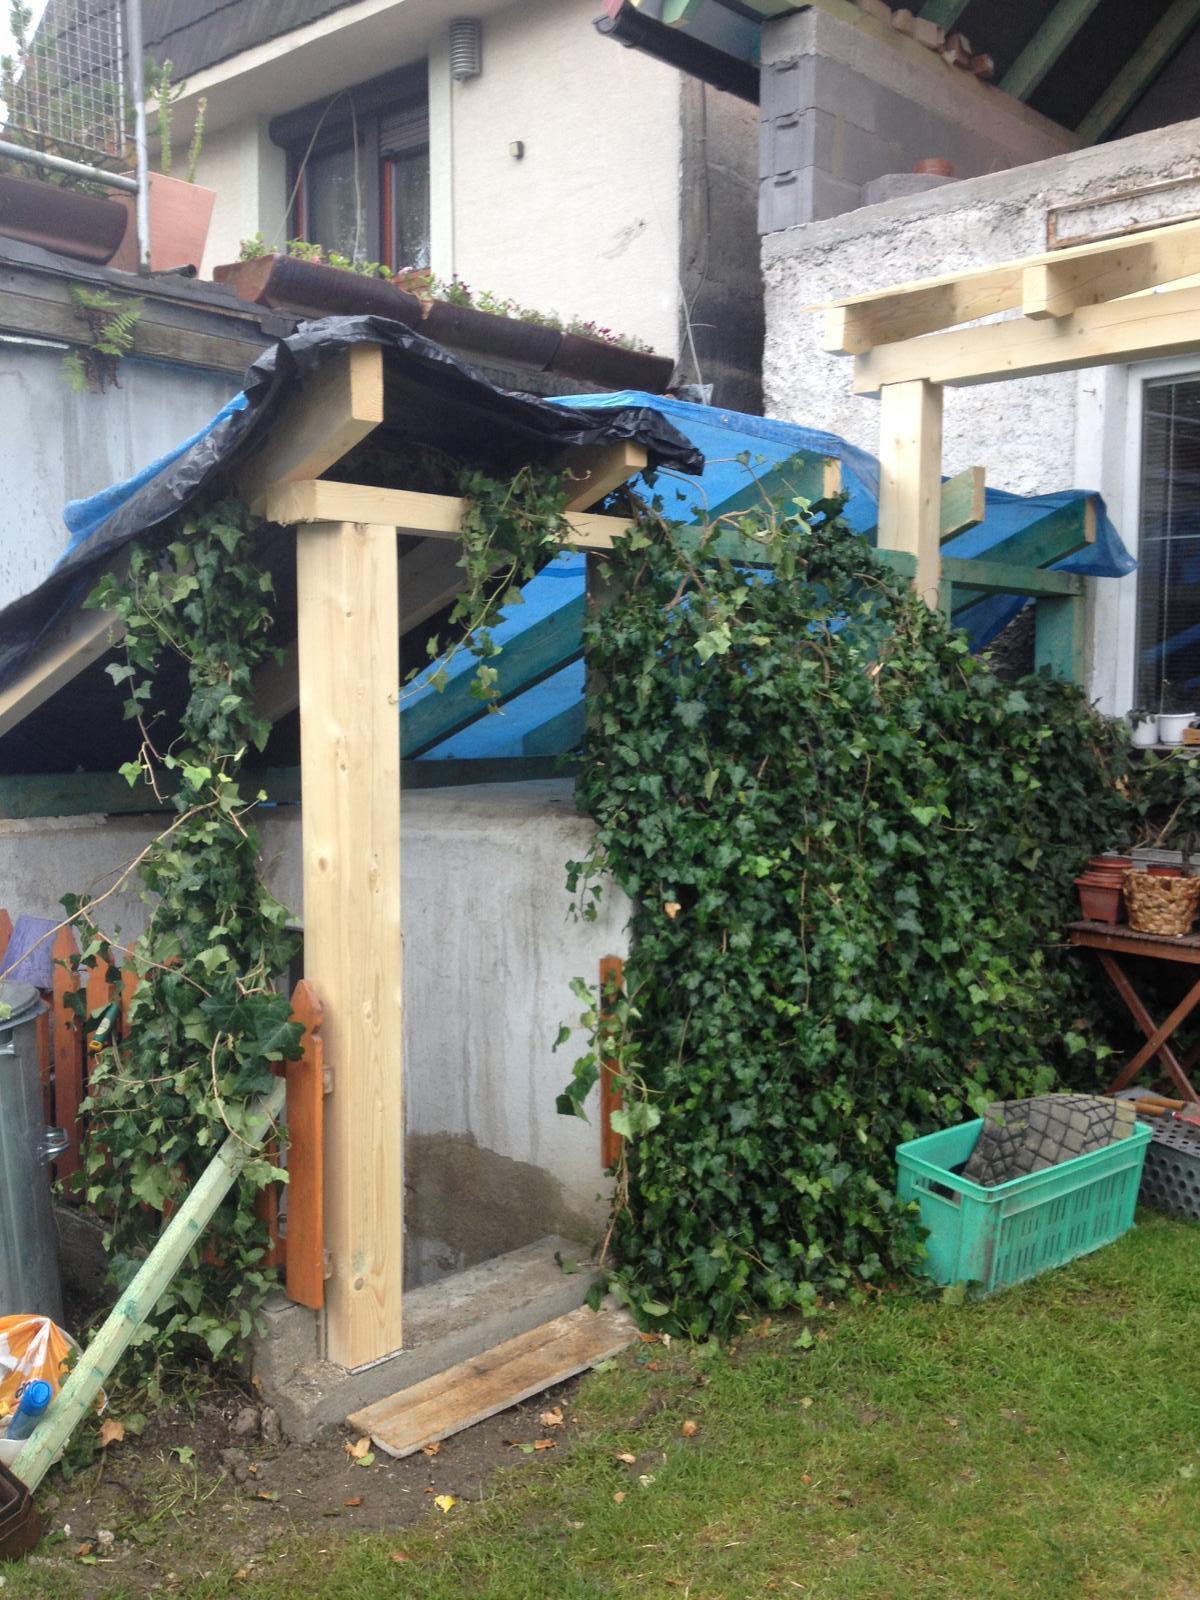 Štrúdľa po liptácky - modra strecha 😃 sice len nad pivnicou a docasne, ale mam!